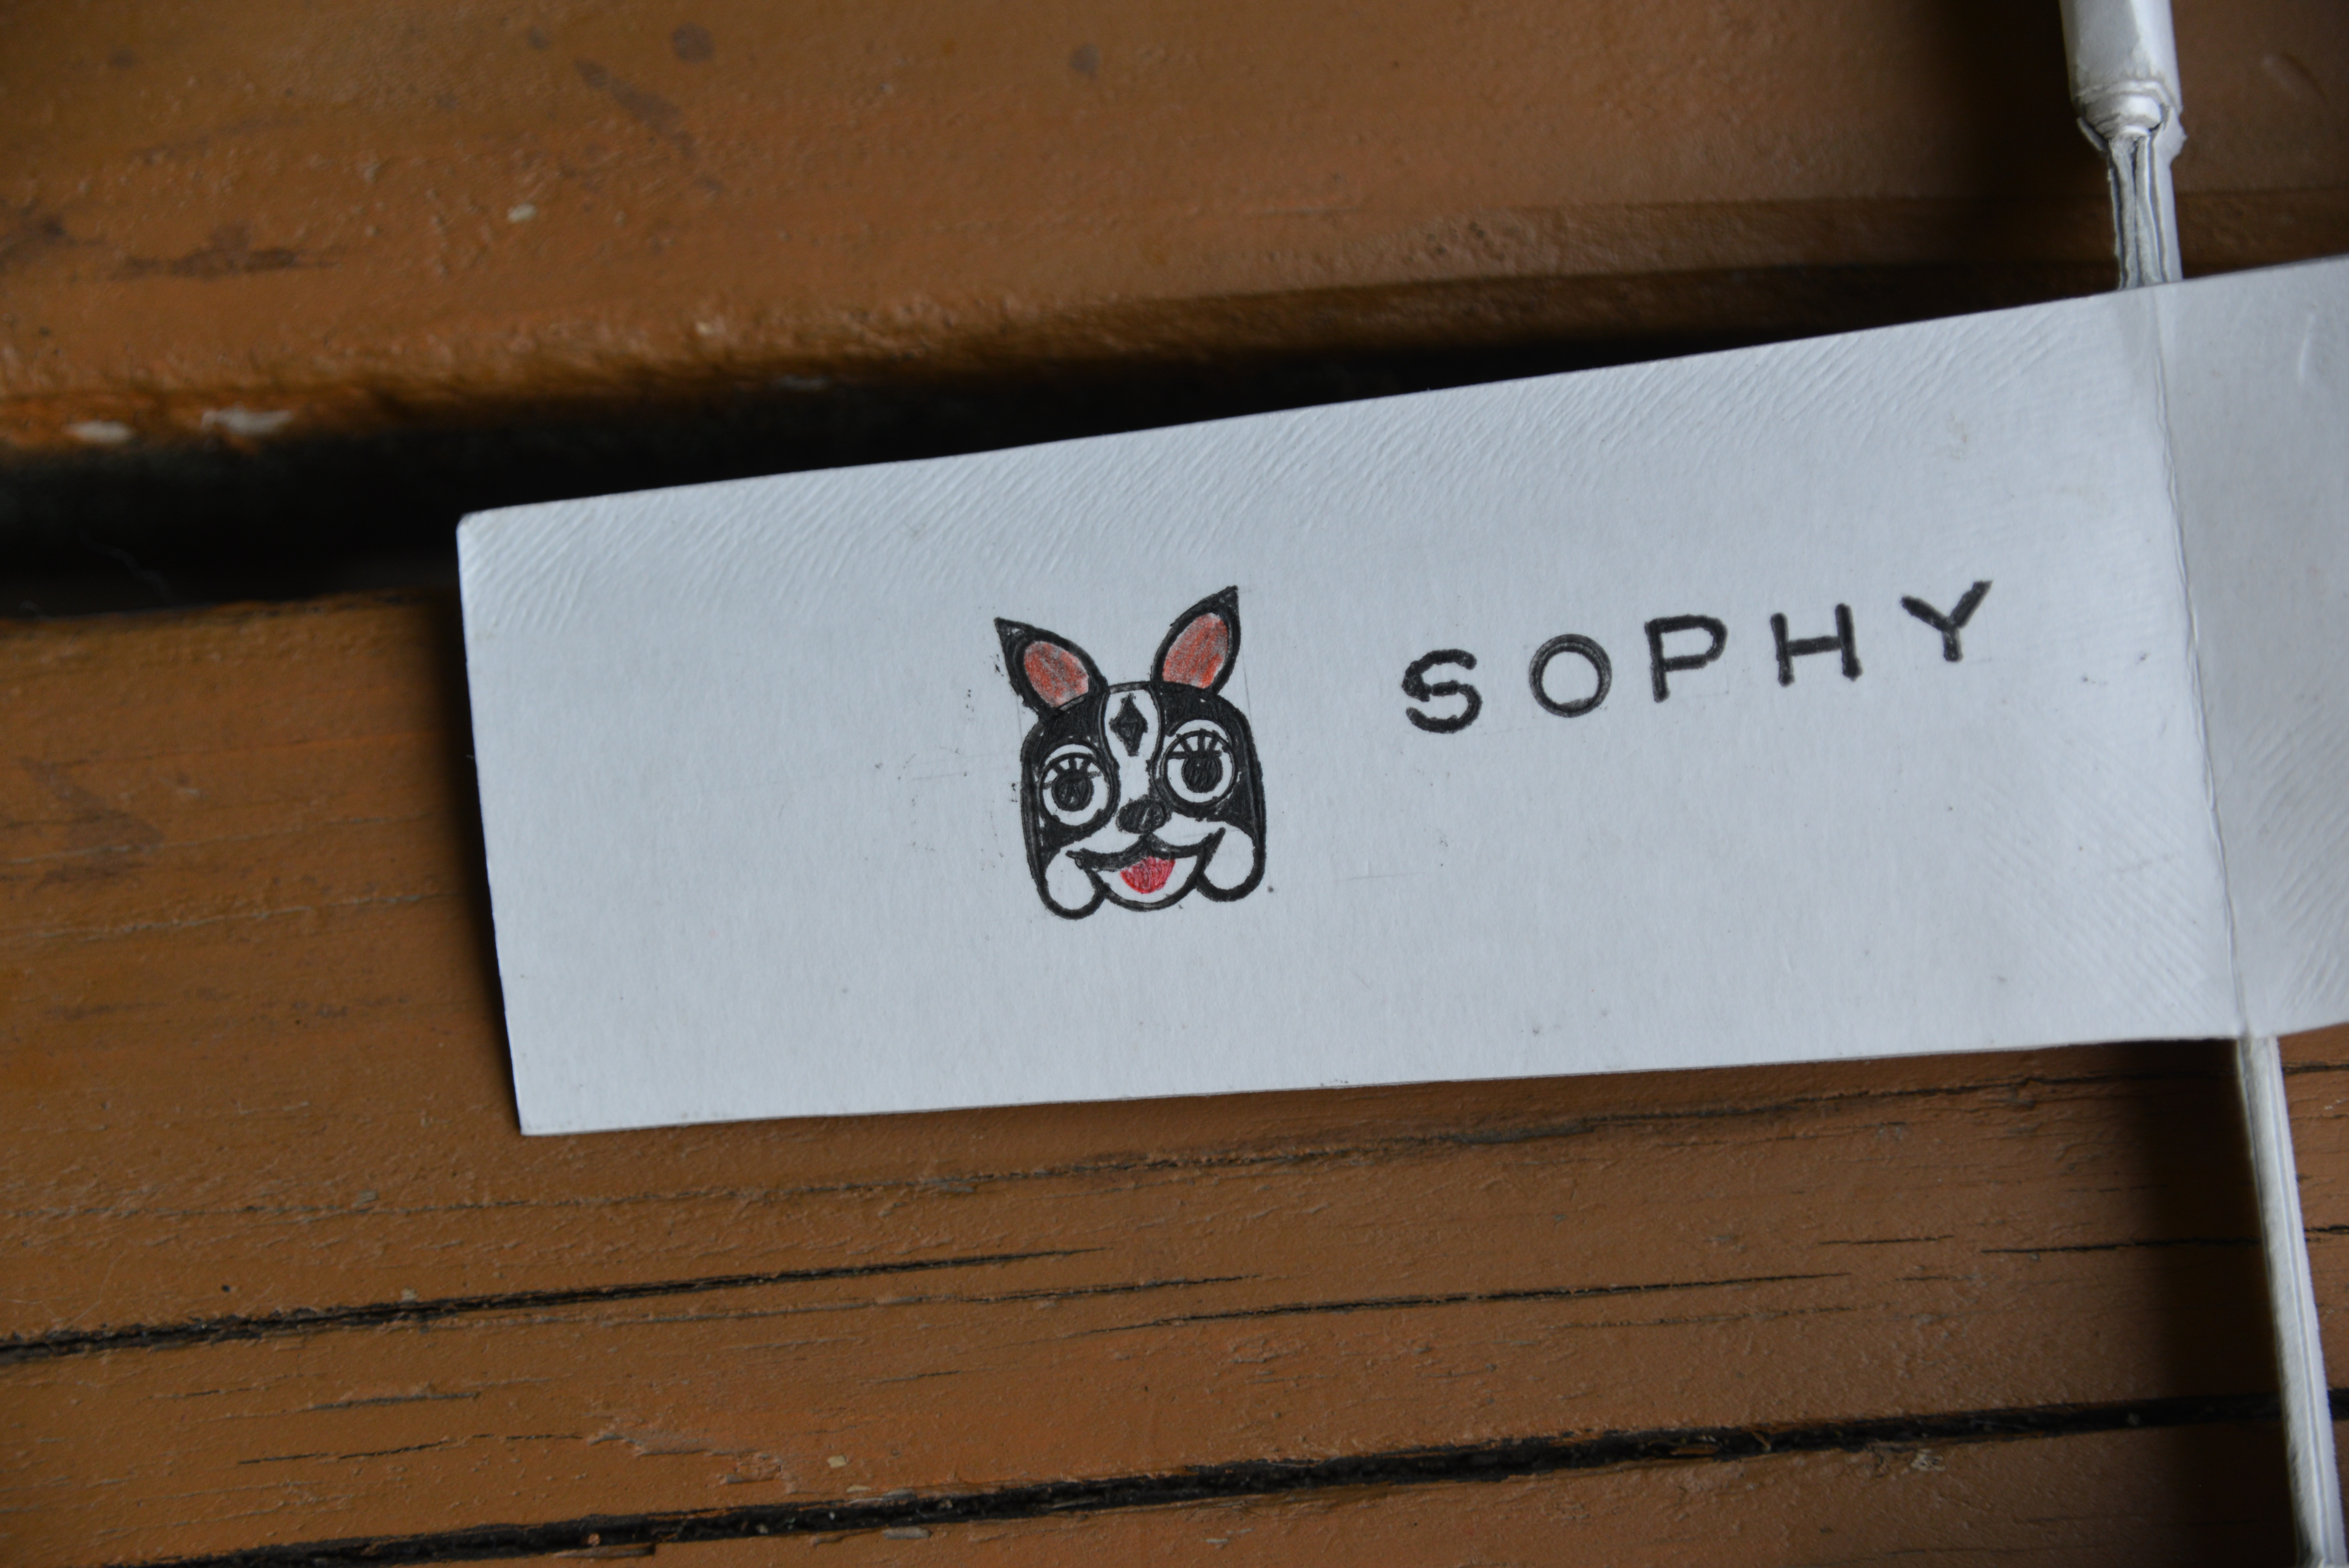 ソフィー号はGemini-Sさんが持って帰られました